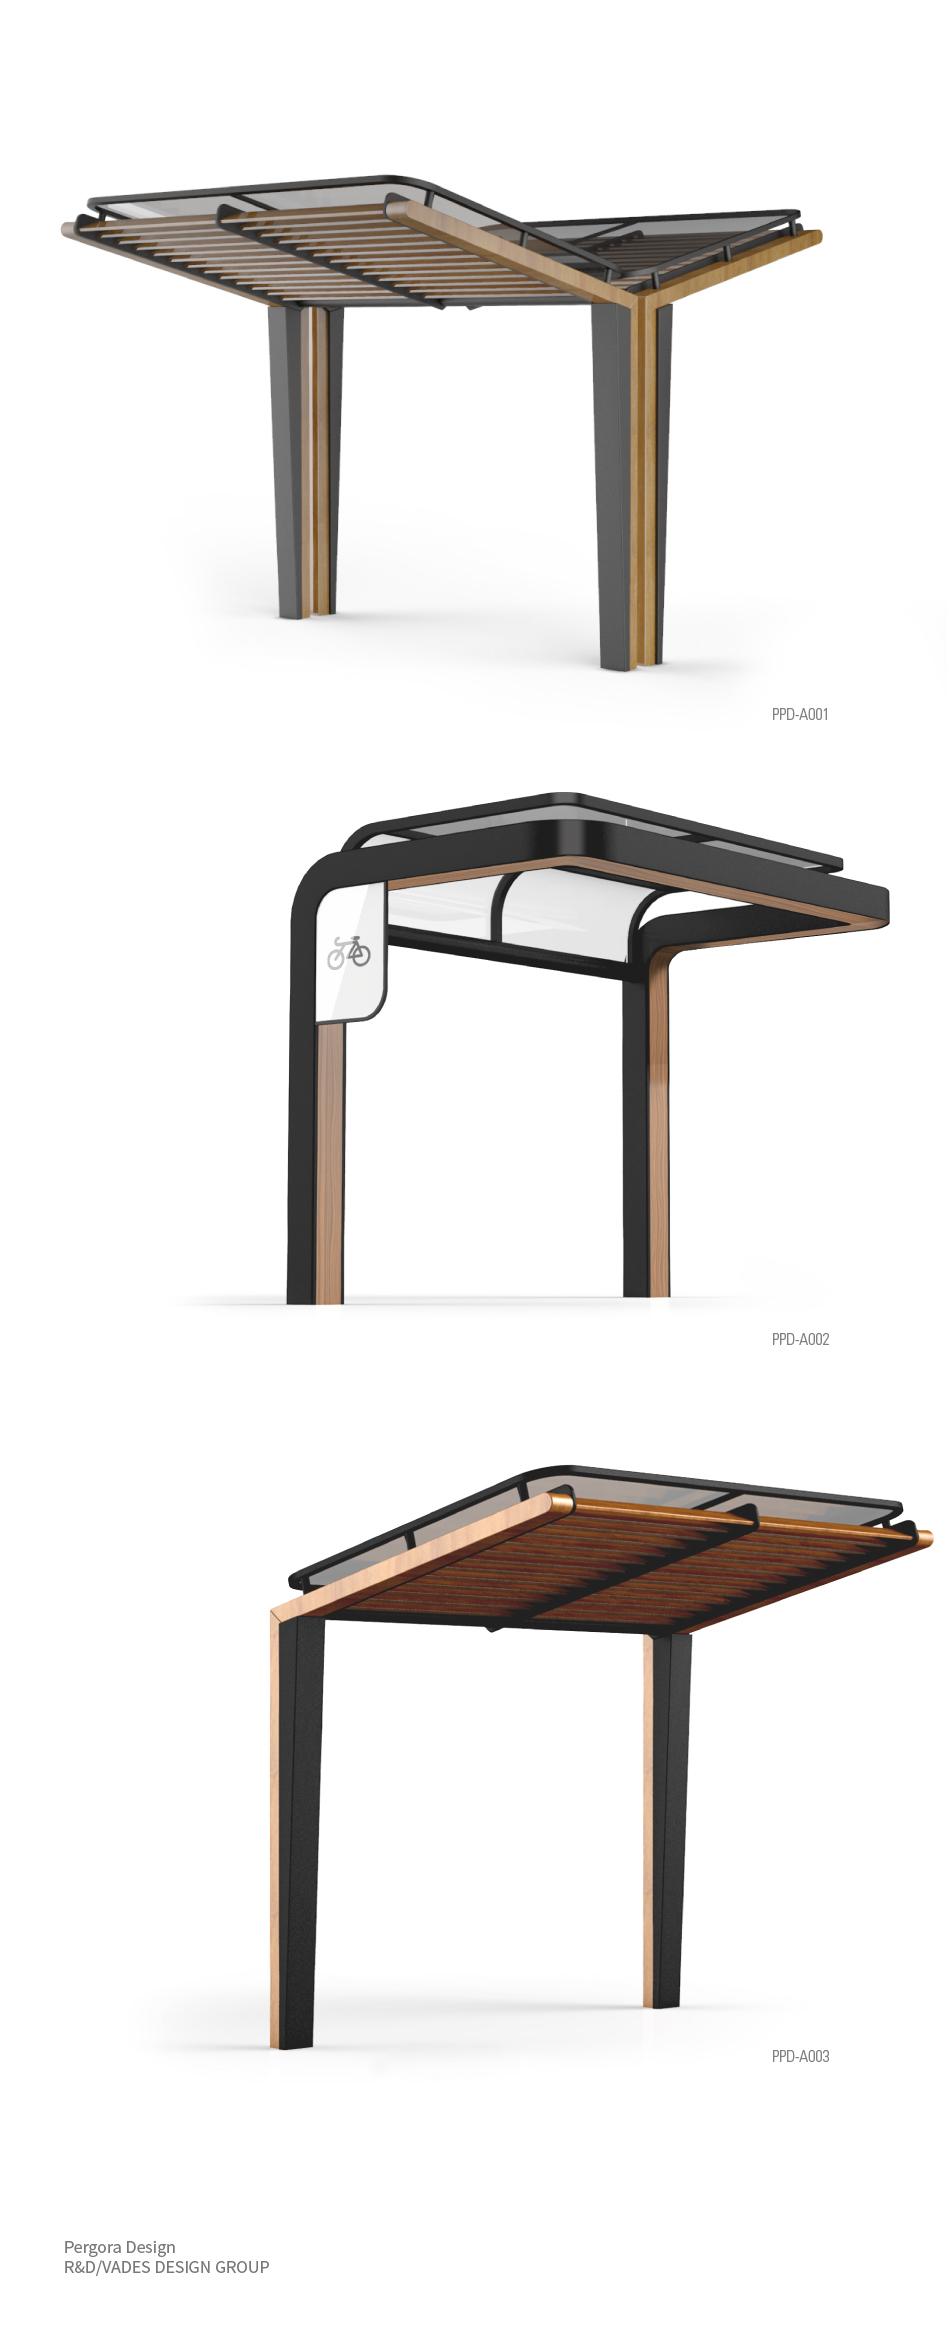 Pergora Design - R&D/VADES DESIGN GROUP